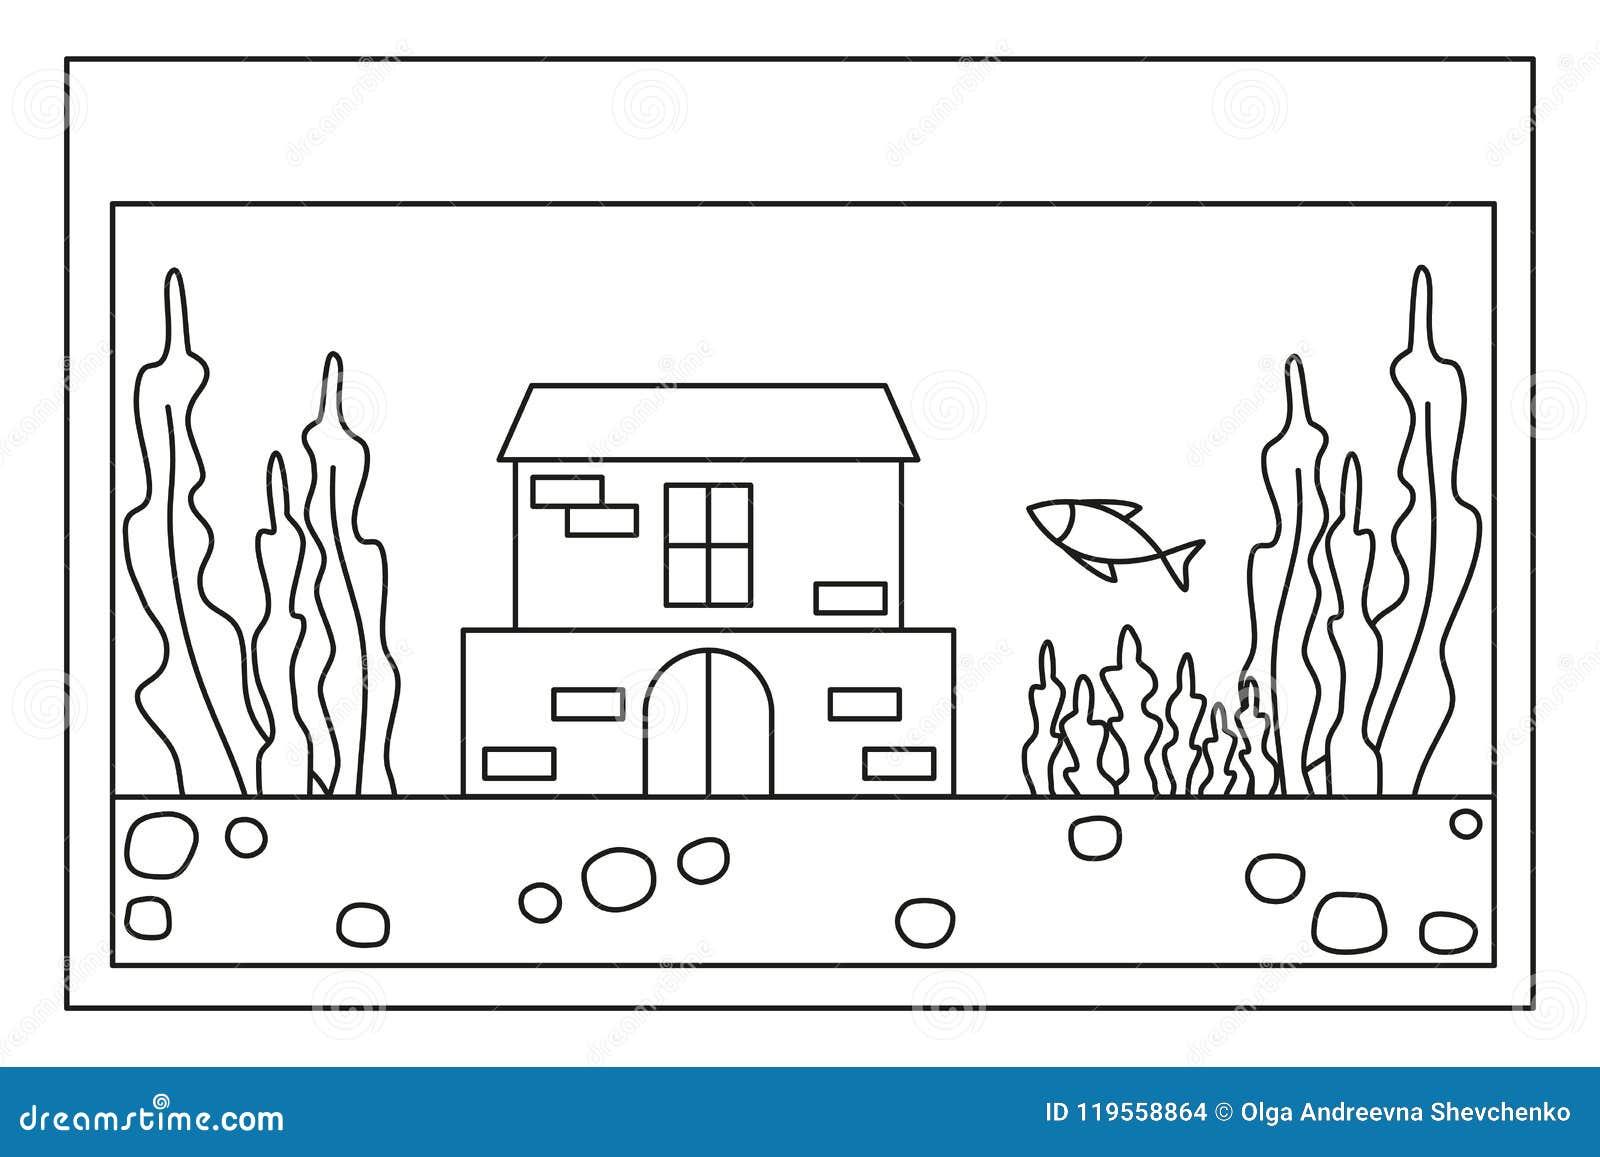 Line Art Black And White Fish Aquarium Stock Vector - Illustration ...